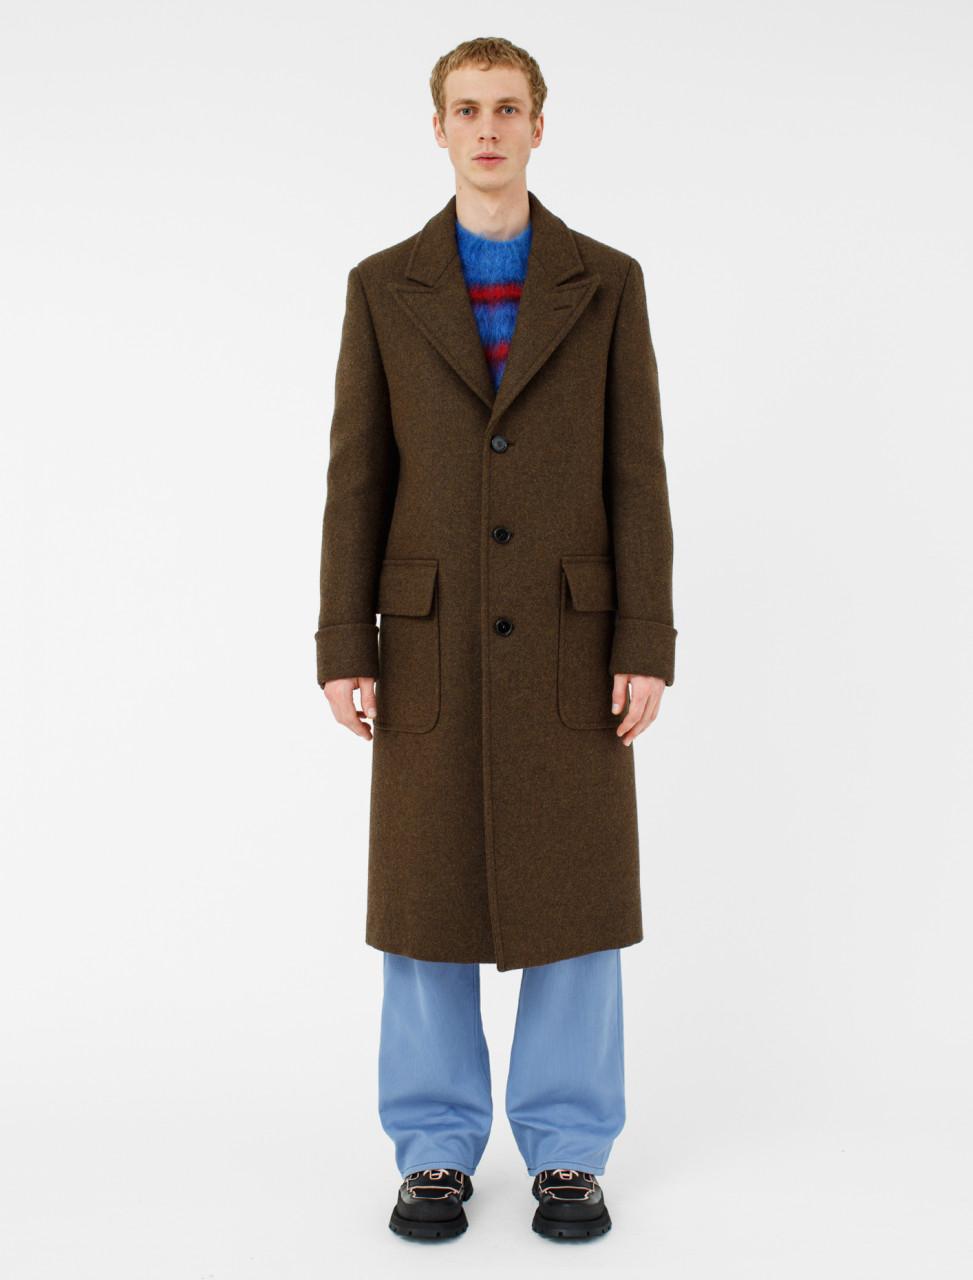 Coat in Brown